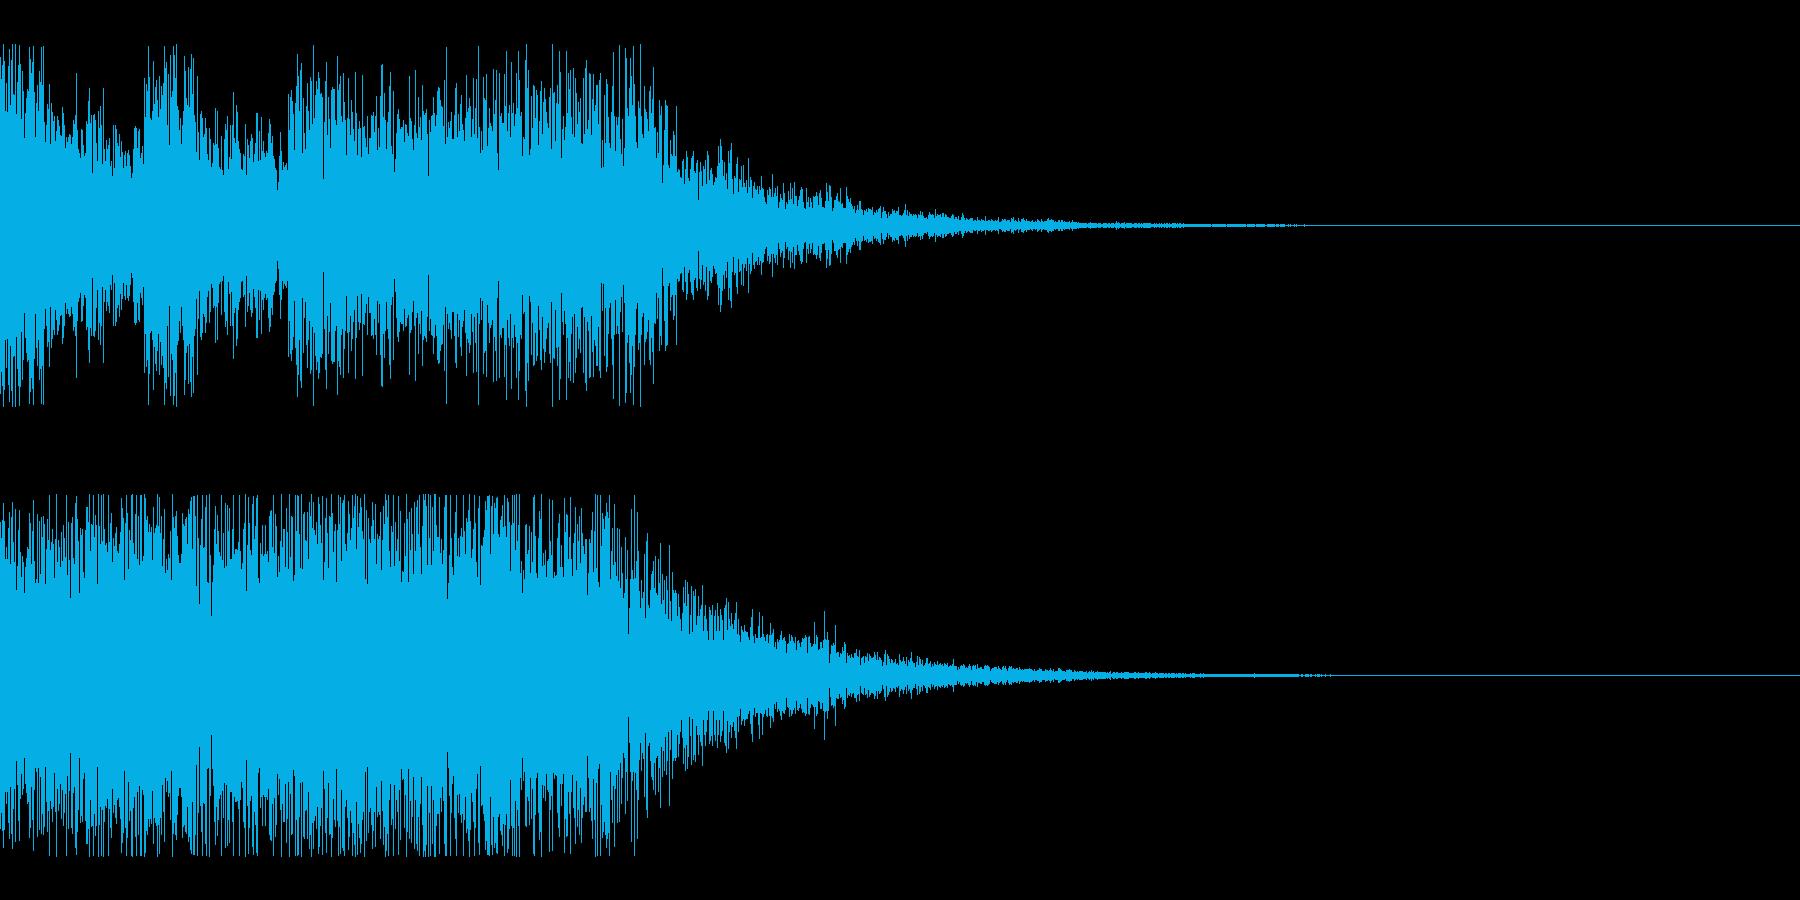 クイズ結果発表ーオーケストラ風の再生済みの波形